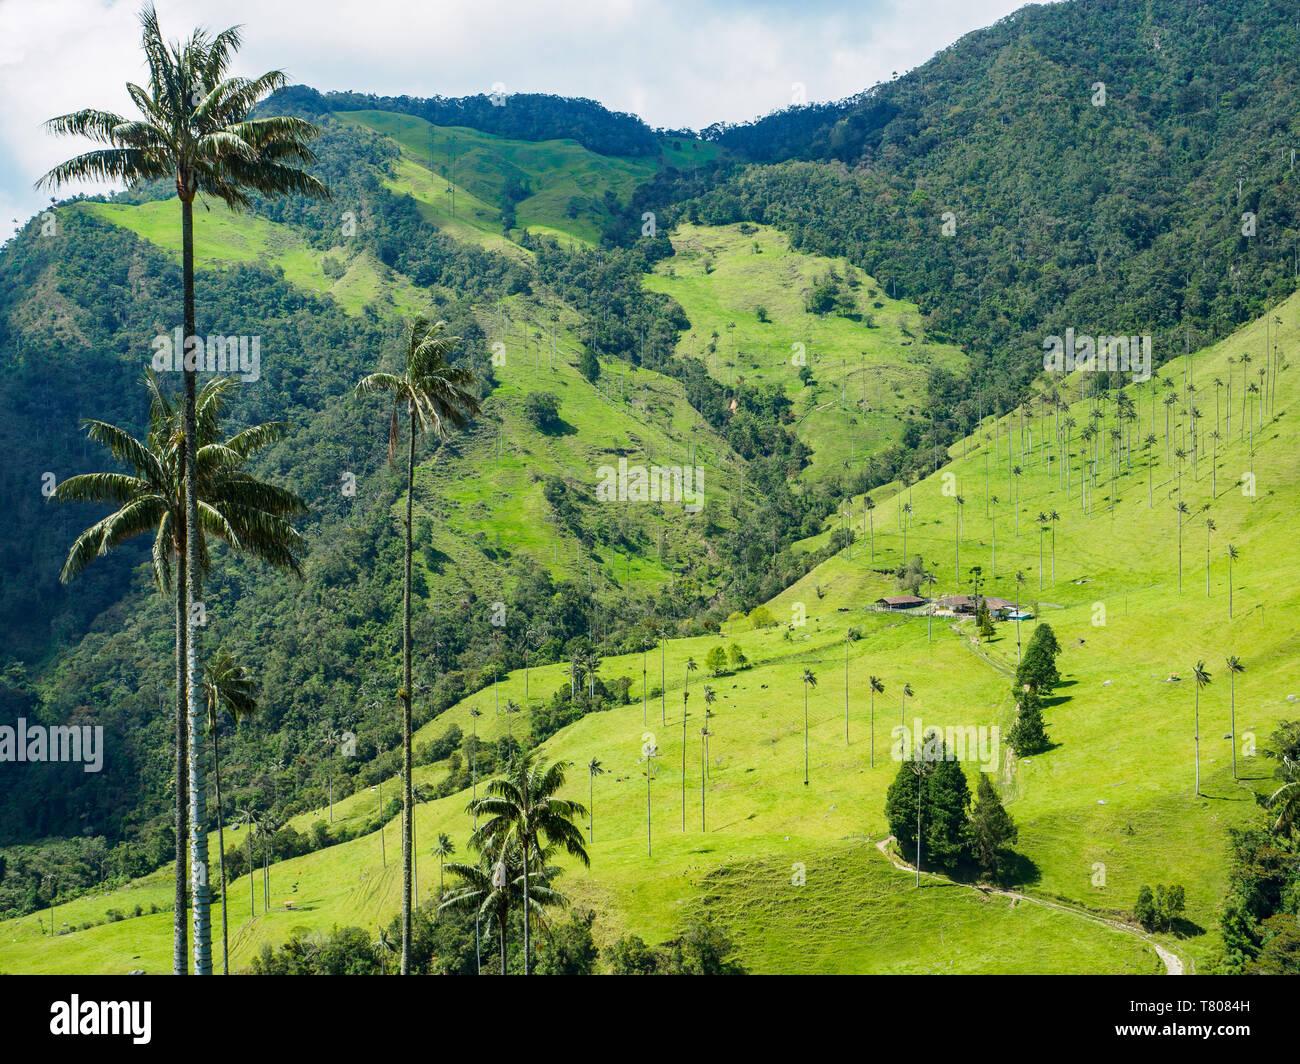 Valle de Corcora, cerca de Salento, Colombia, Sur America Foto de stock